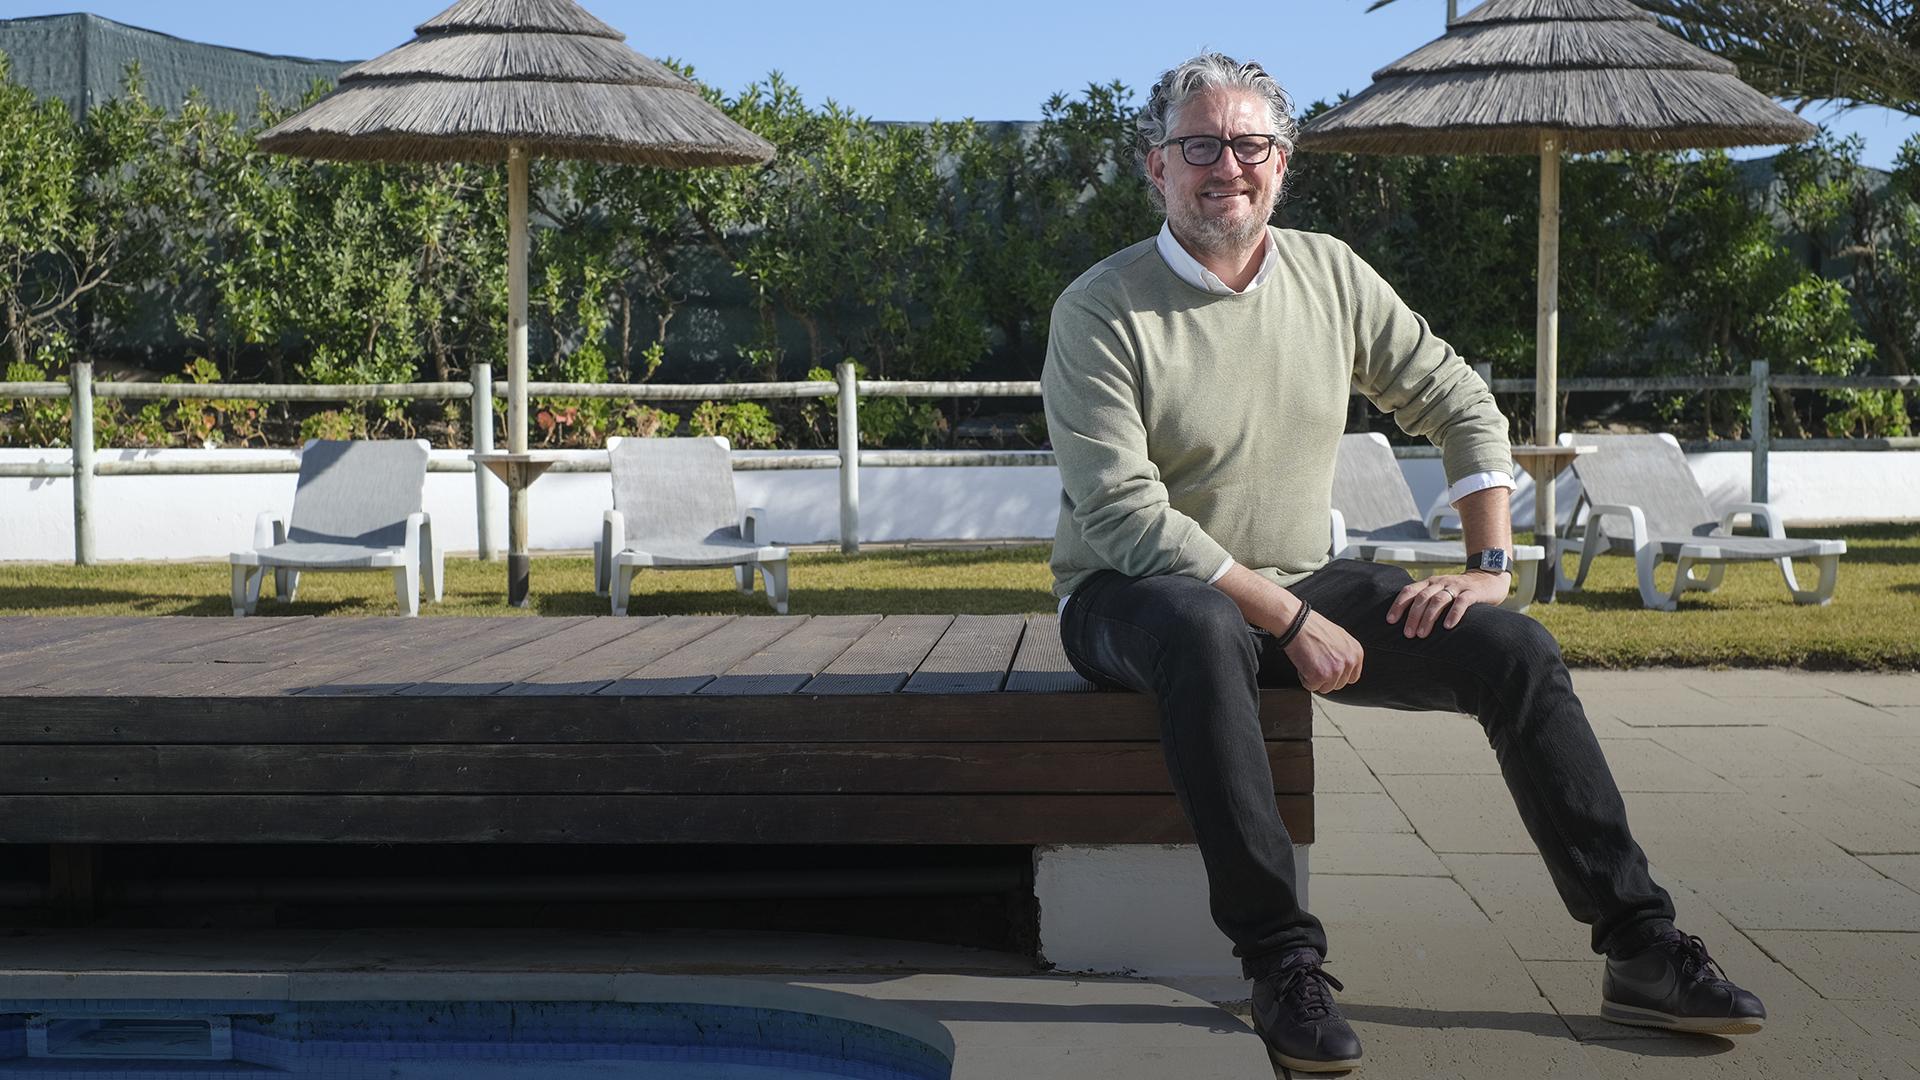 """Tim Vieira: """"O mundo mudou e os empregos precisam de pessoas diferentes"""""""